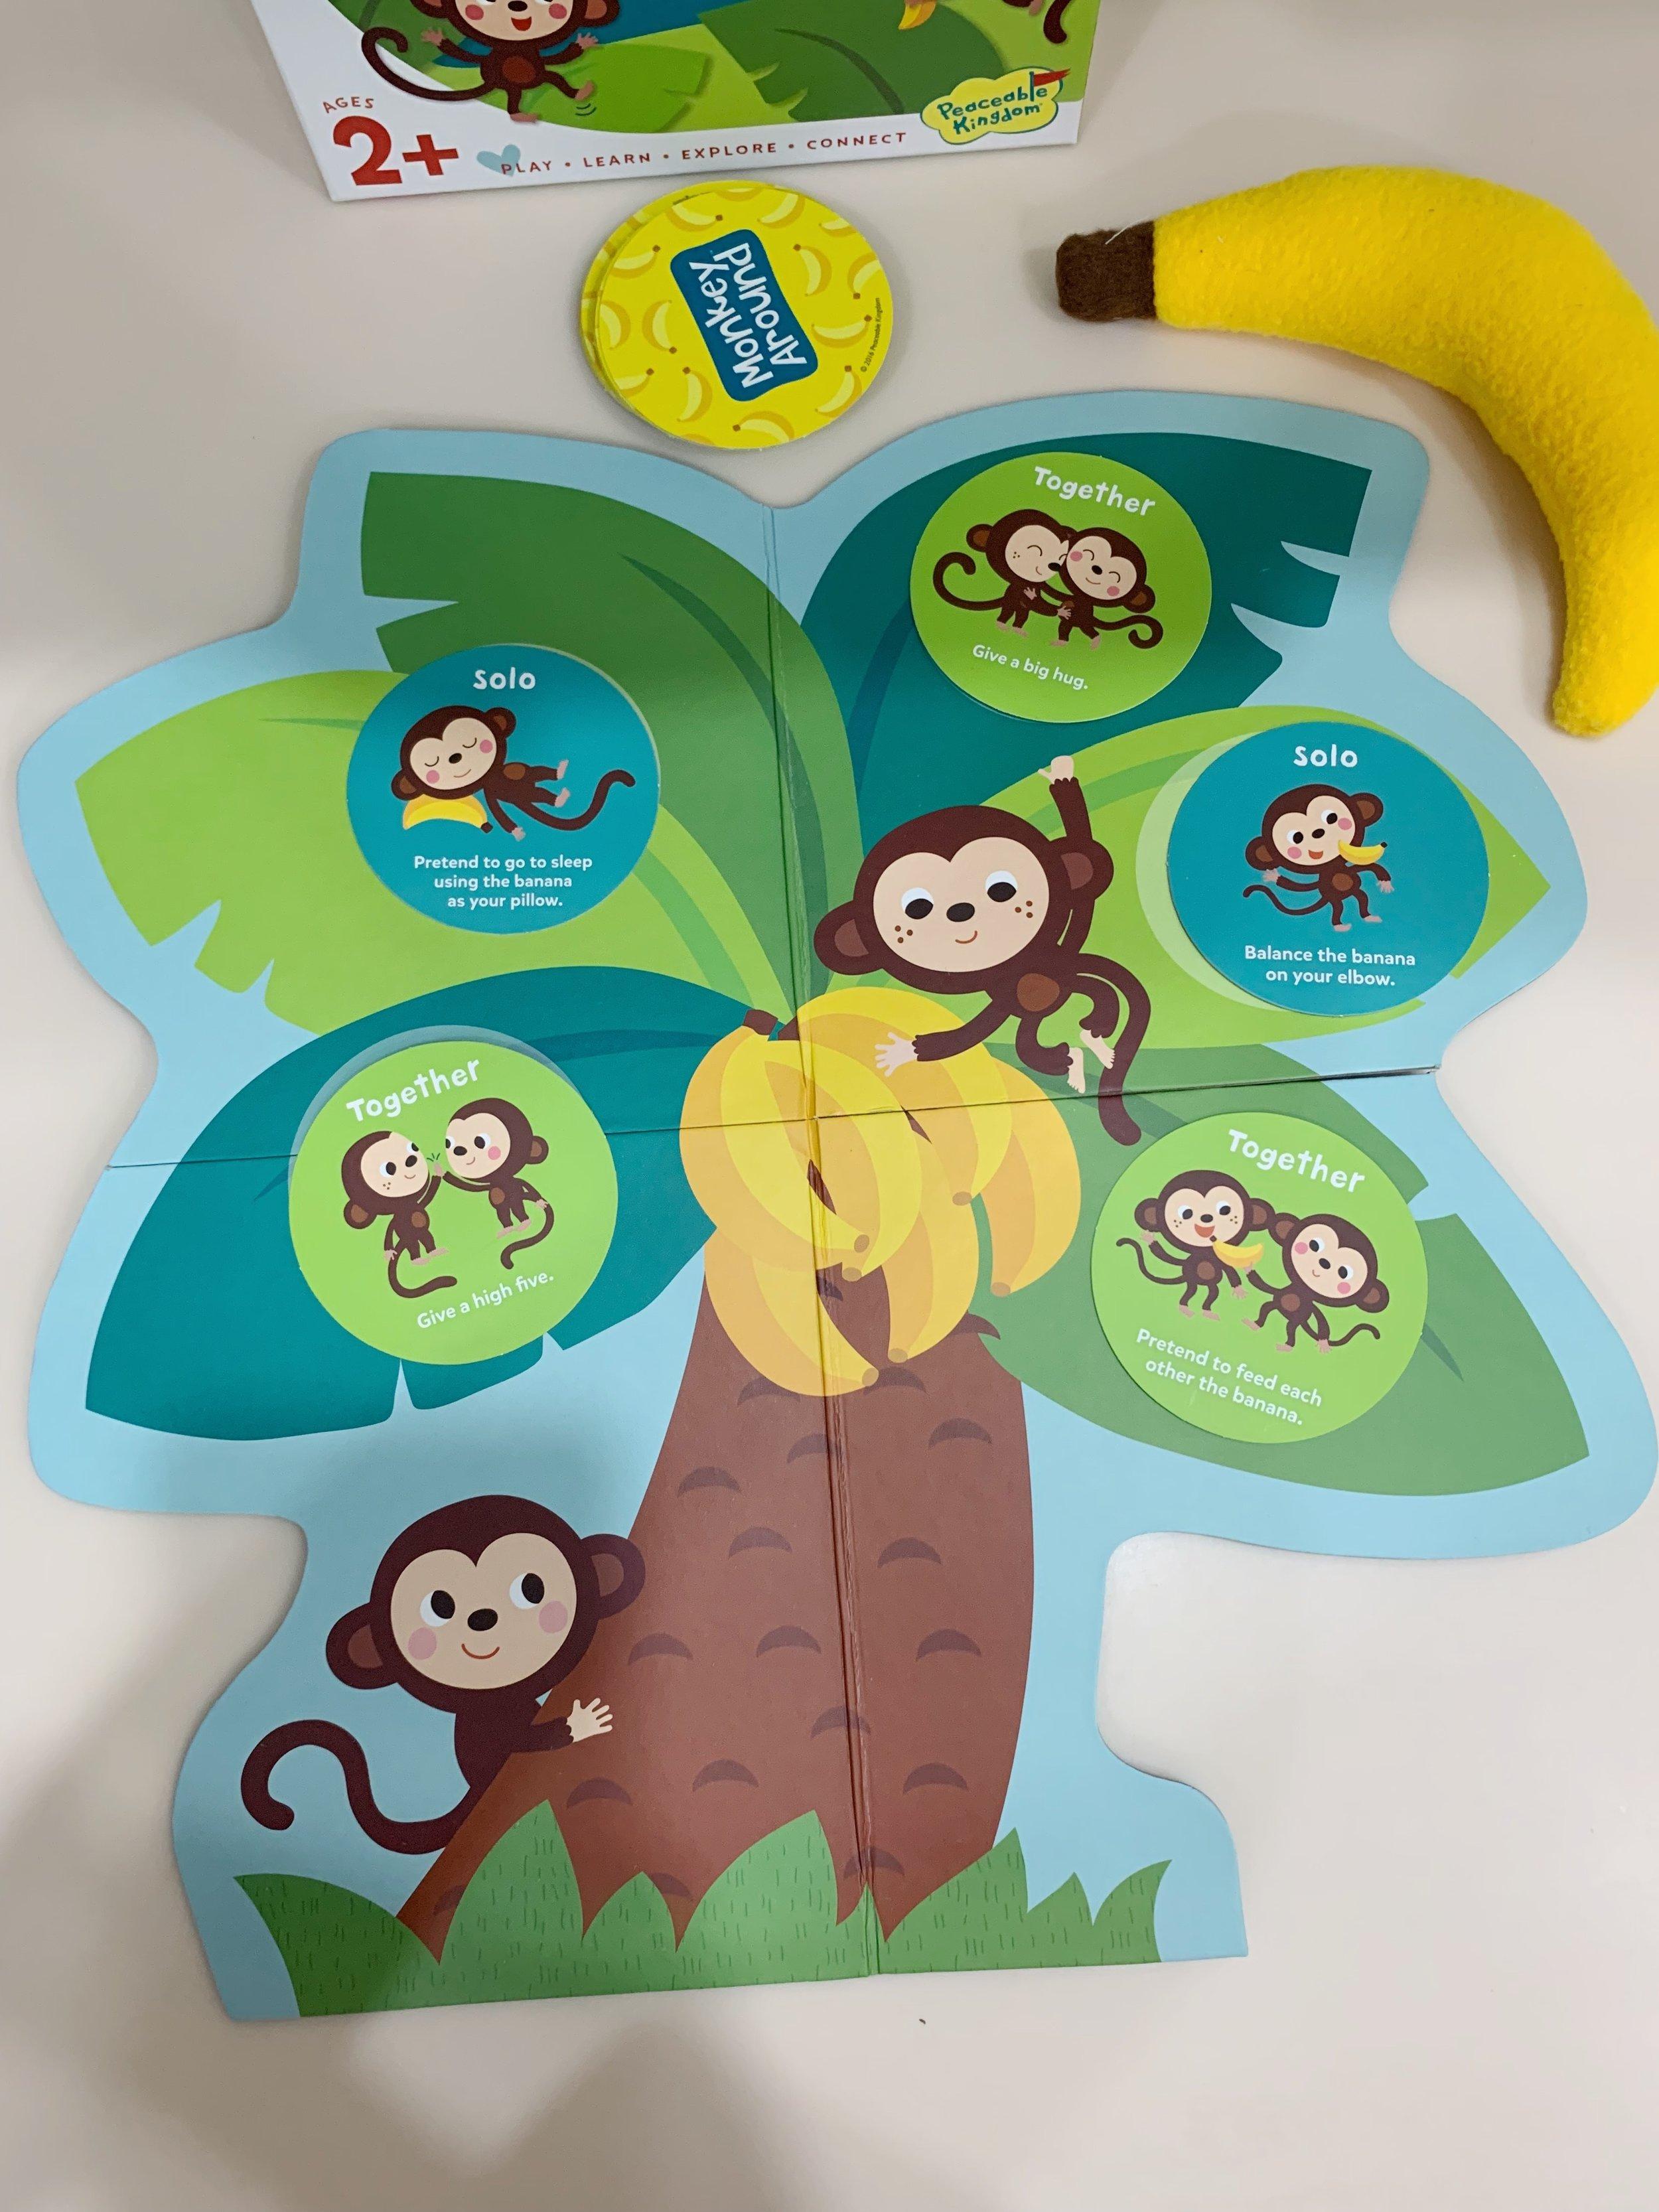 monkeyaround2.jpg